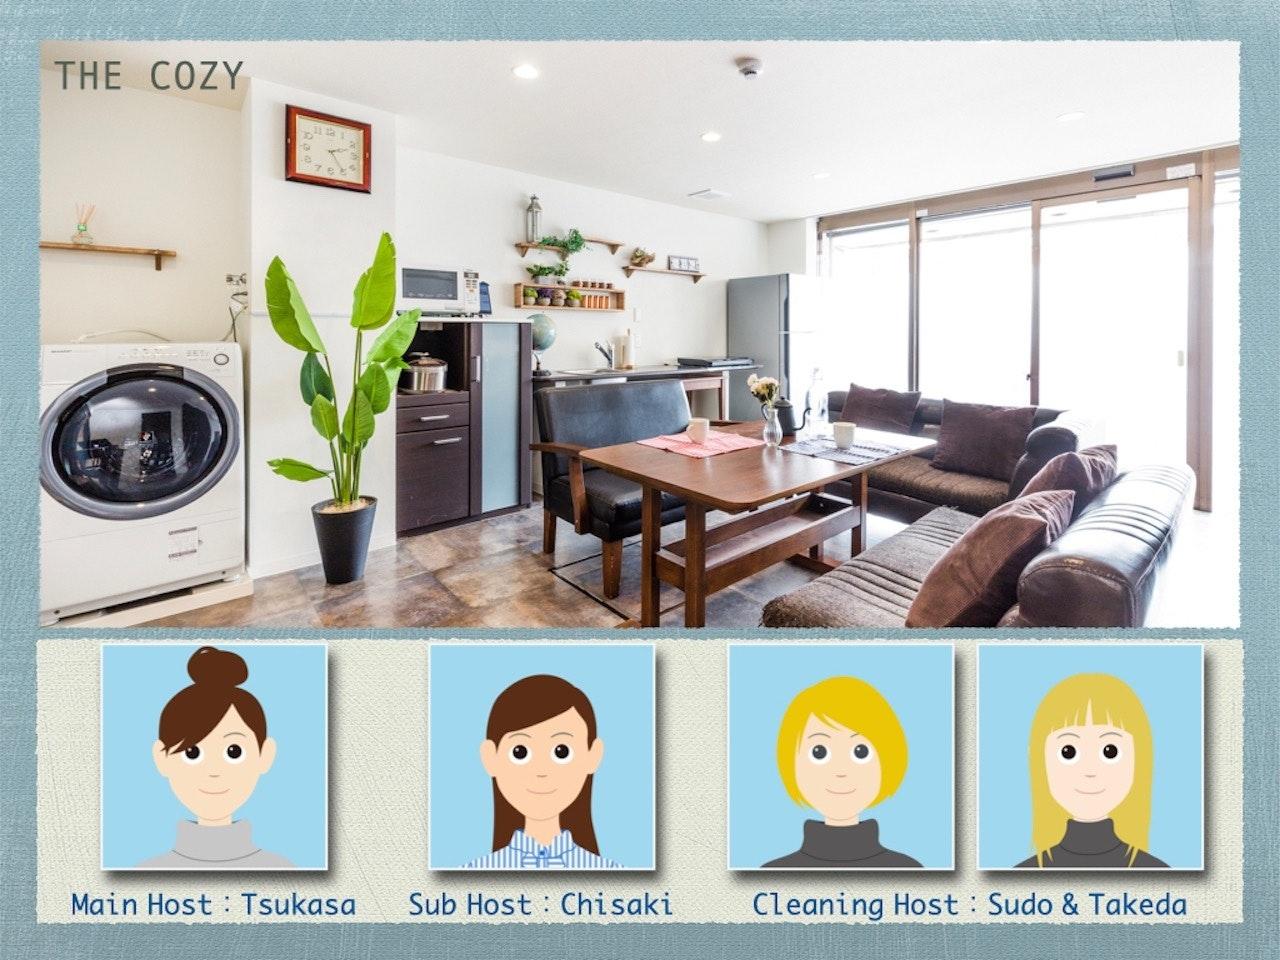 【ご帰国後の自主隔離歓迎】The Cozy/最大24人/5寝室/高速WiFi/無料自転車/